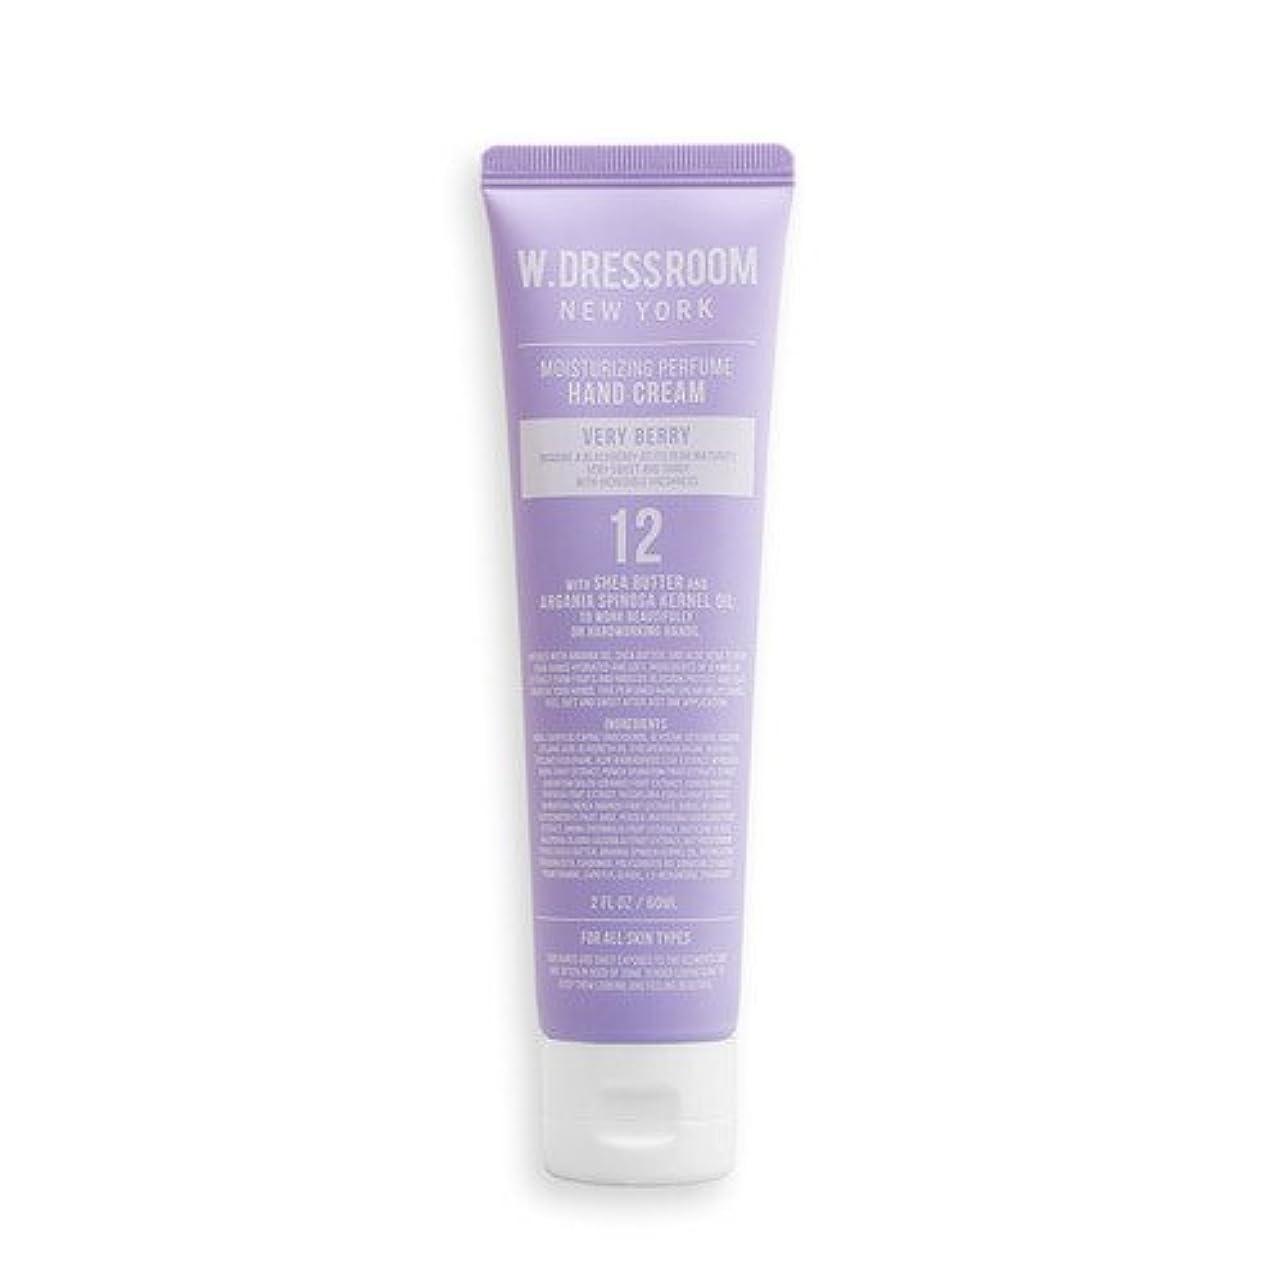 砲撃熟す分類するW.DRESSROOM Moisturizing Perfume Hand Cream 60ml/ダブルドレスルーム モイスチャライジング パフューム ハンドクリーム 60ml (#No.12 Very Berry) [...